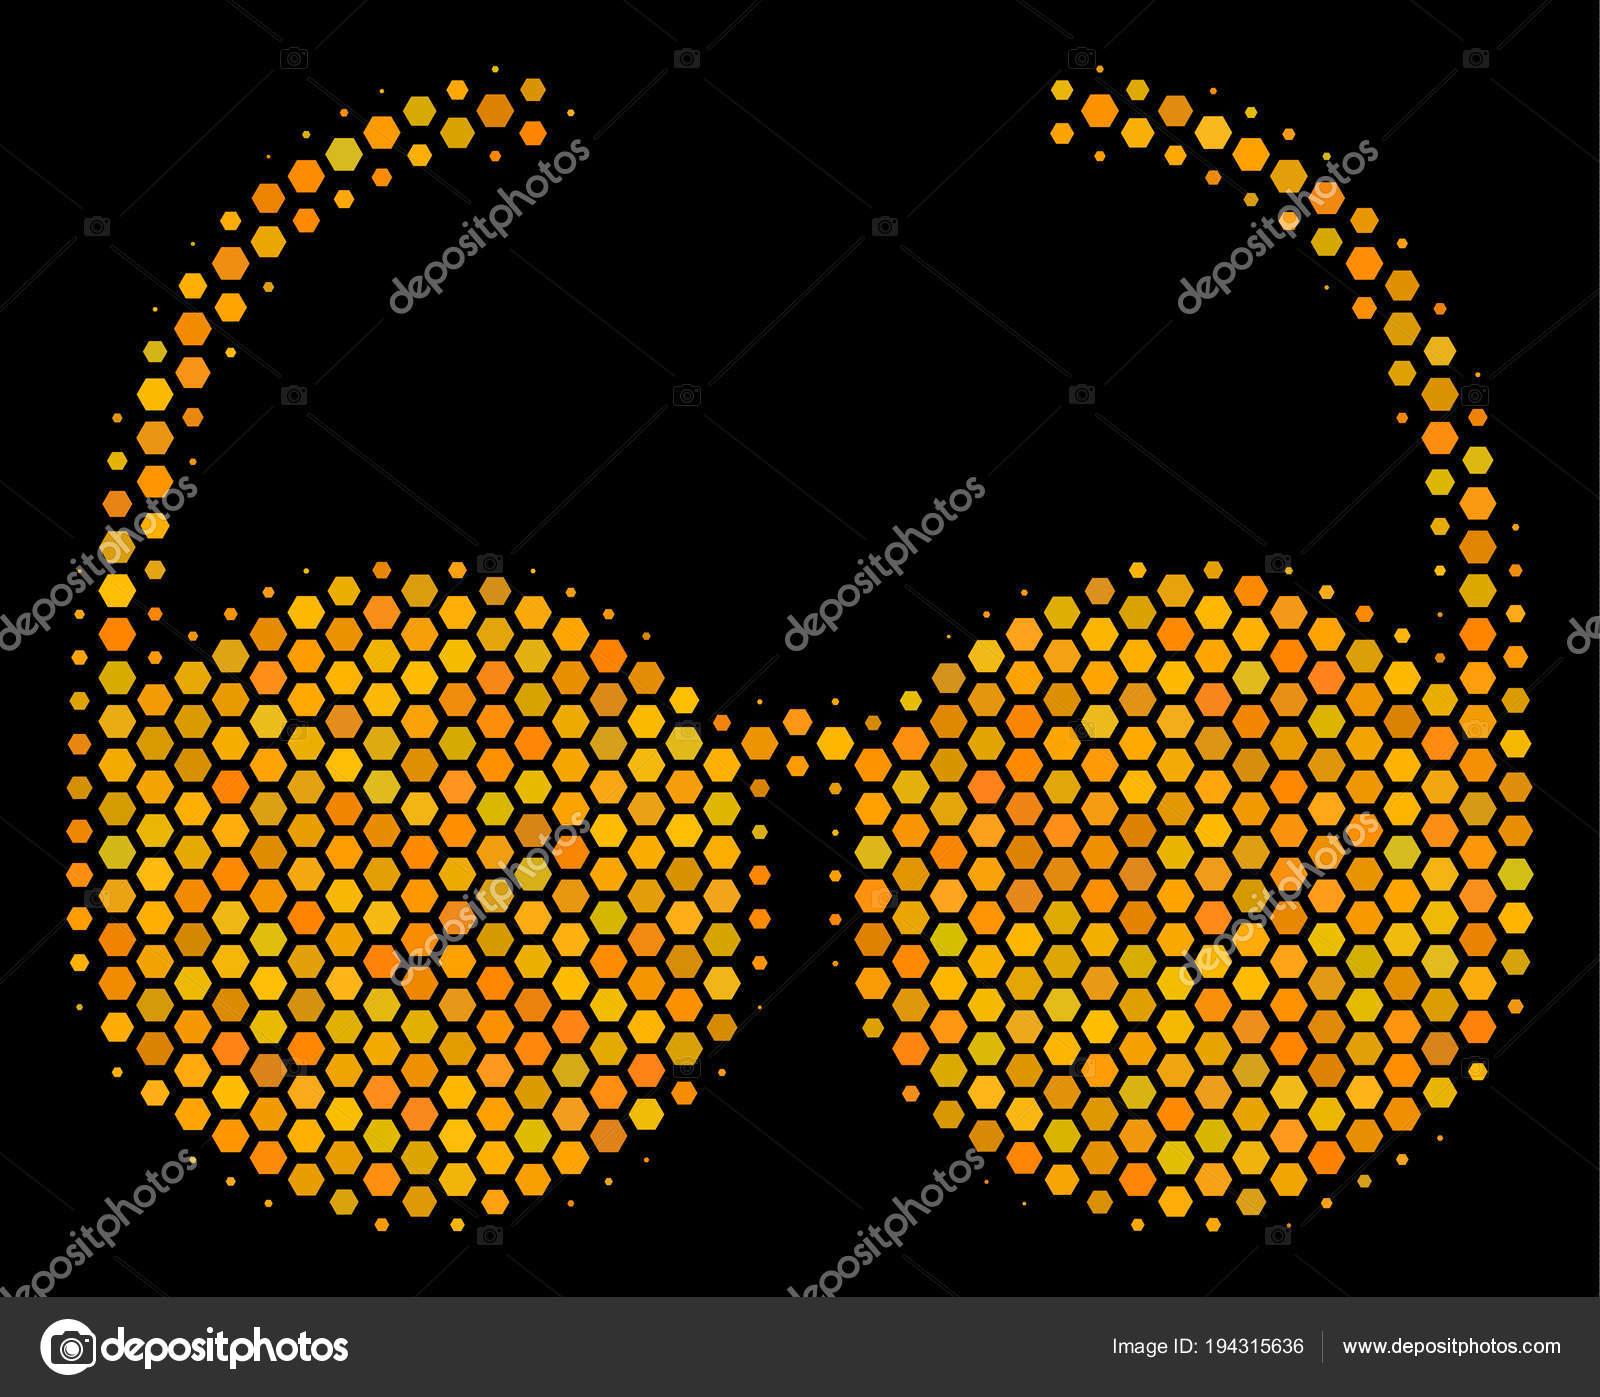 e37997556 Pictograma de ouro brilhante com padrão geométrico de mel pente em um fundo  preto. Conceito de vetor de ícone de óculos feito de células de ...